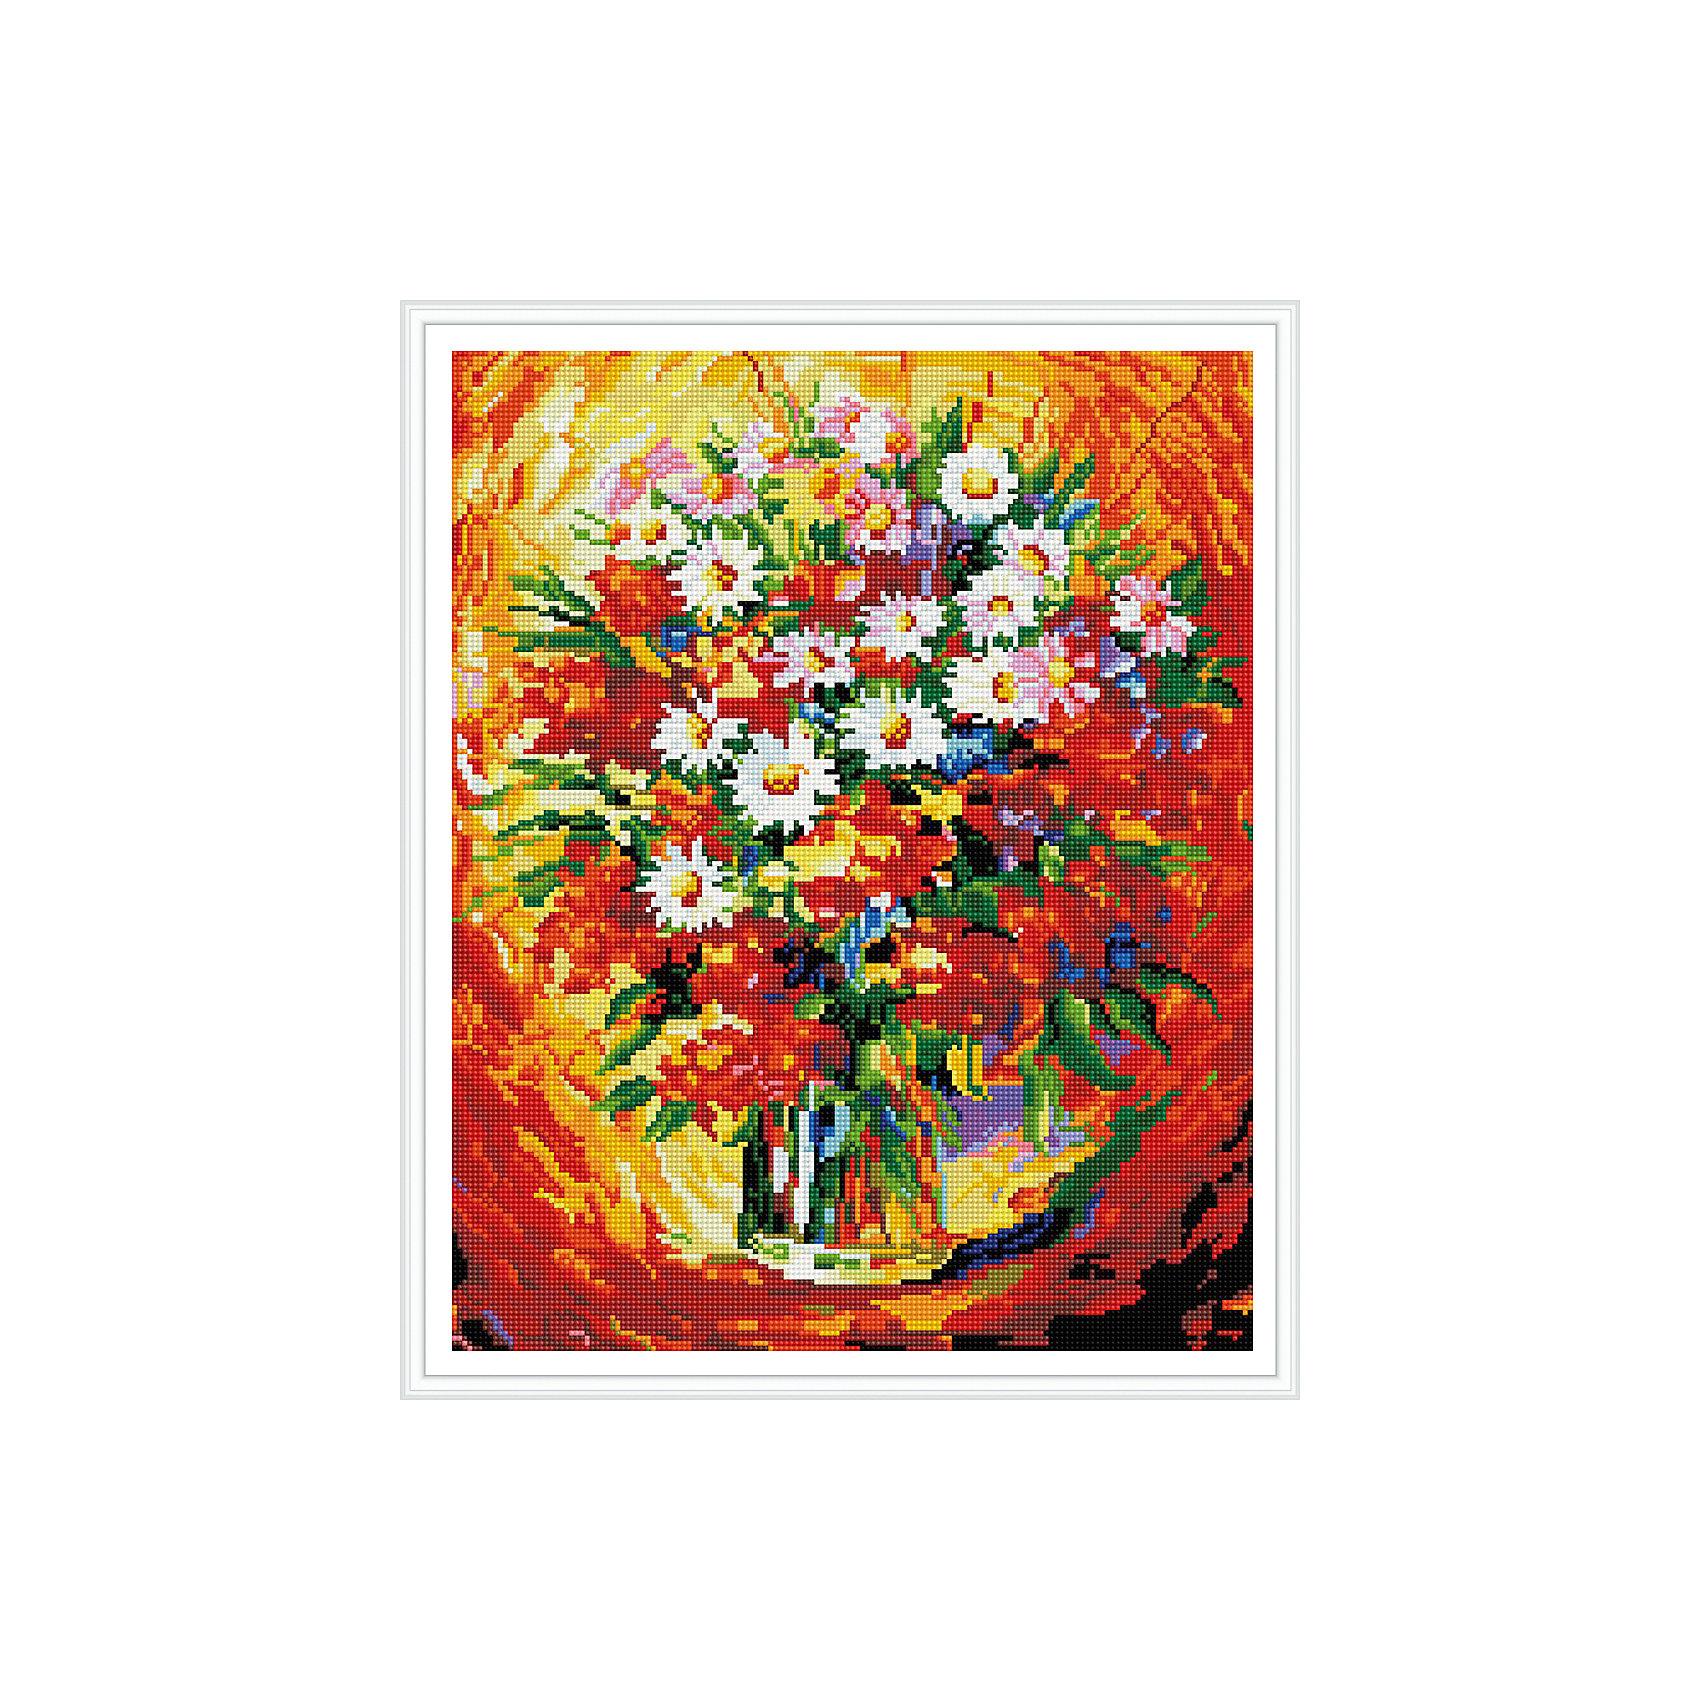 TUKZAR Алмазная мозаика Букет с ромашками 40*50 см наборы для поделок цветной алмазная мозаика леопард